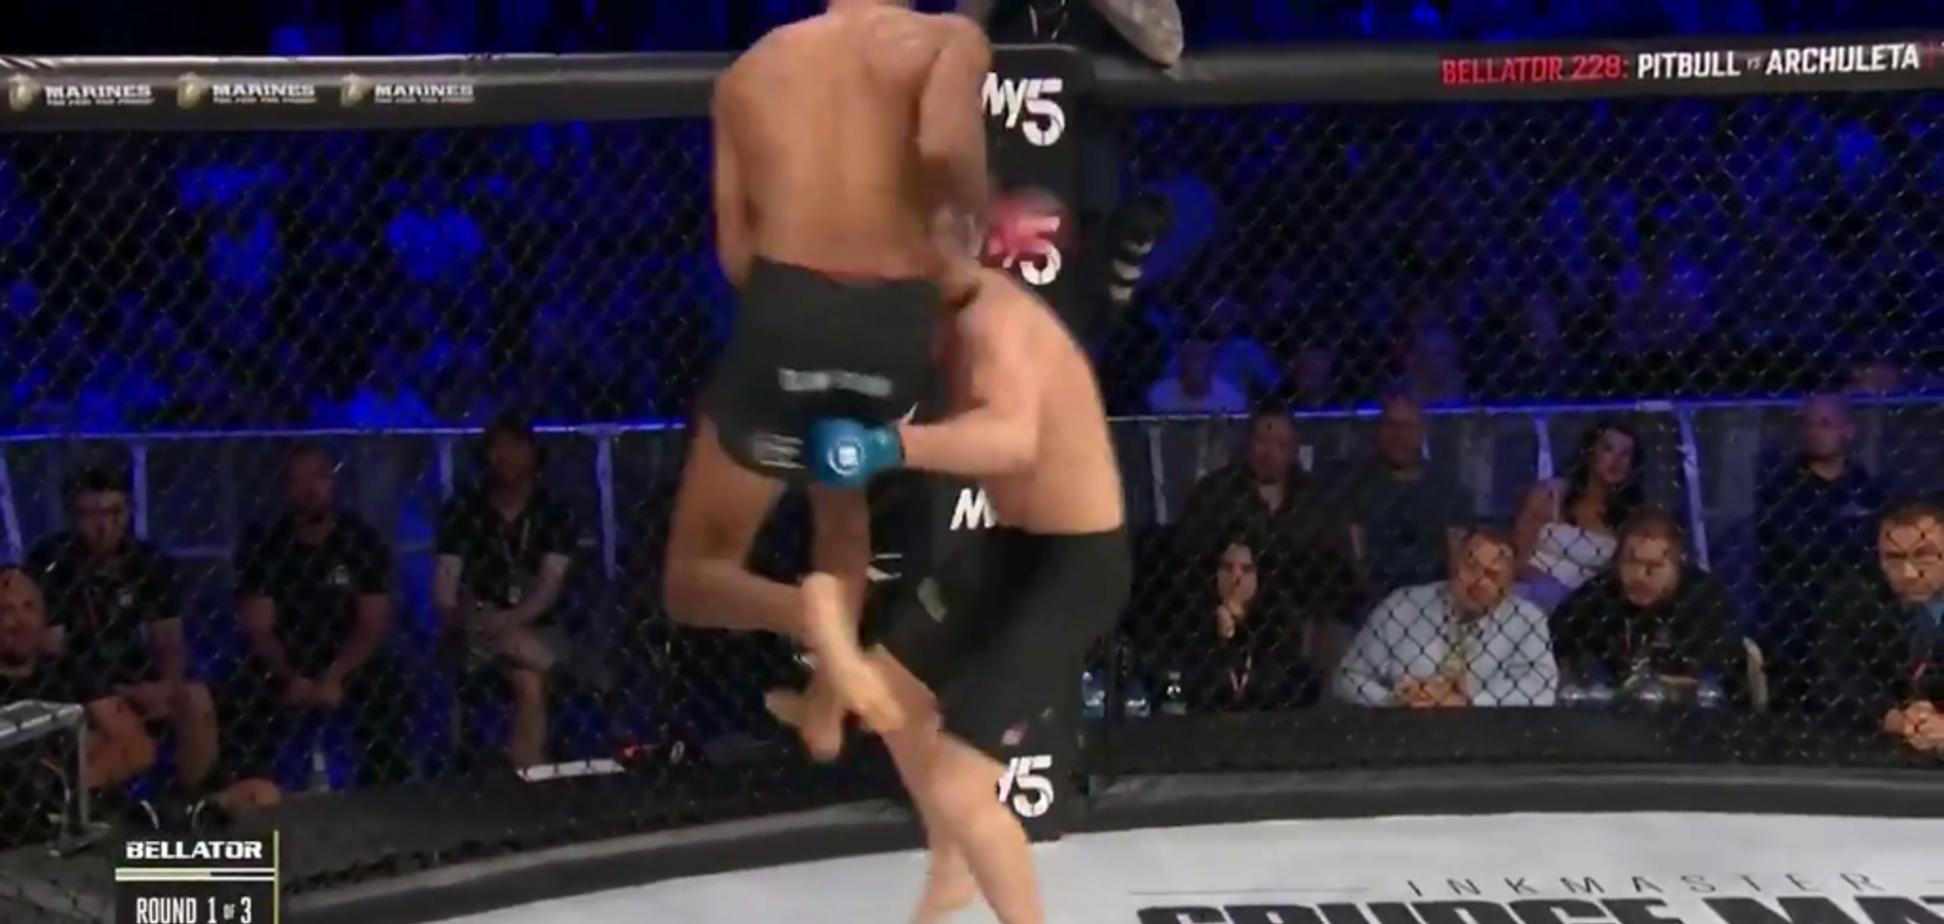 Боец MMA нокаутировал невероятным ударом коленом в полете - опубликовано видео